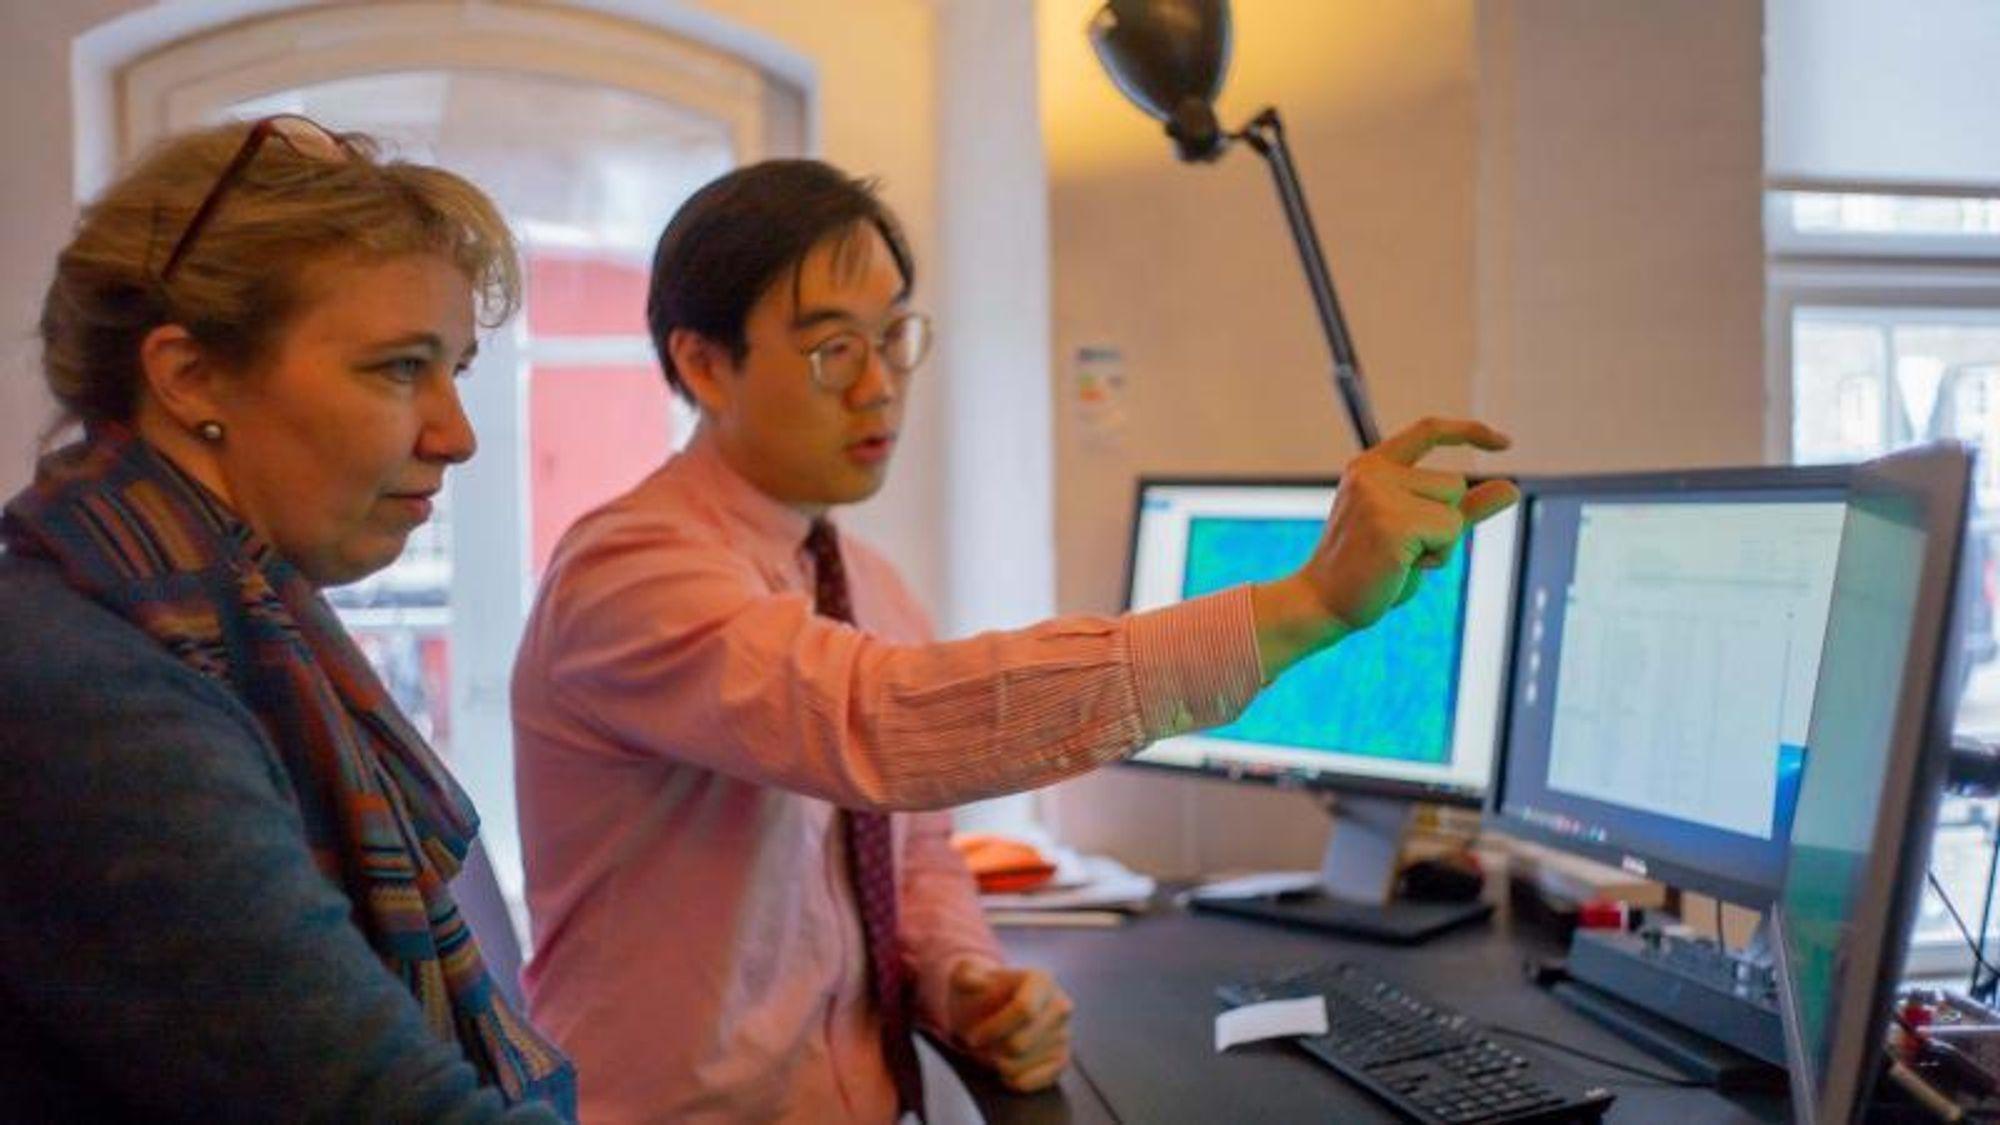 Konservator Cecil Krarup Andersen og ingeniør Daniel Sang-Hoon Lee fra KADK diskuterer resultatene fra de sensorene med dataene som skal inngå i utviklingen av en datamodell over kunstverkenes forfall.